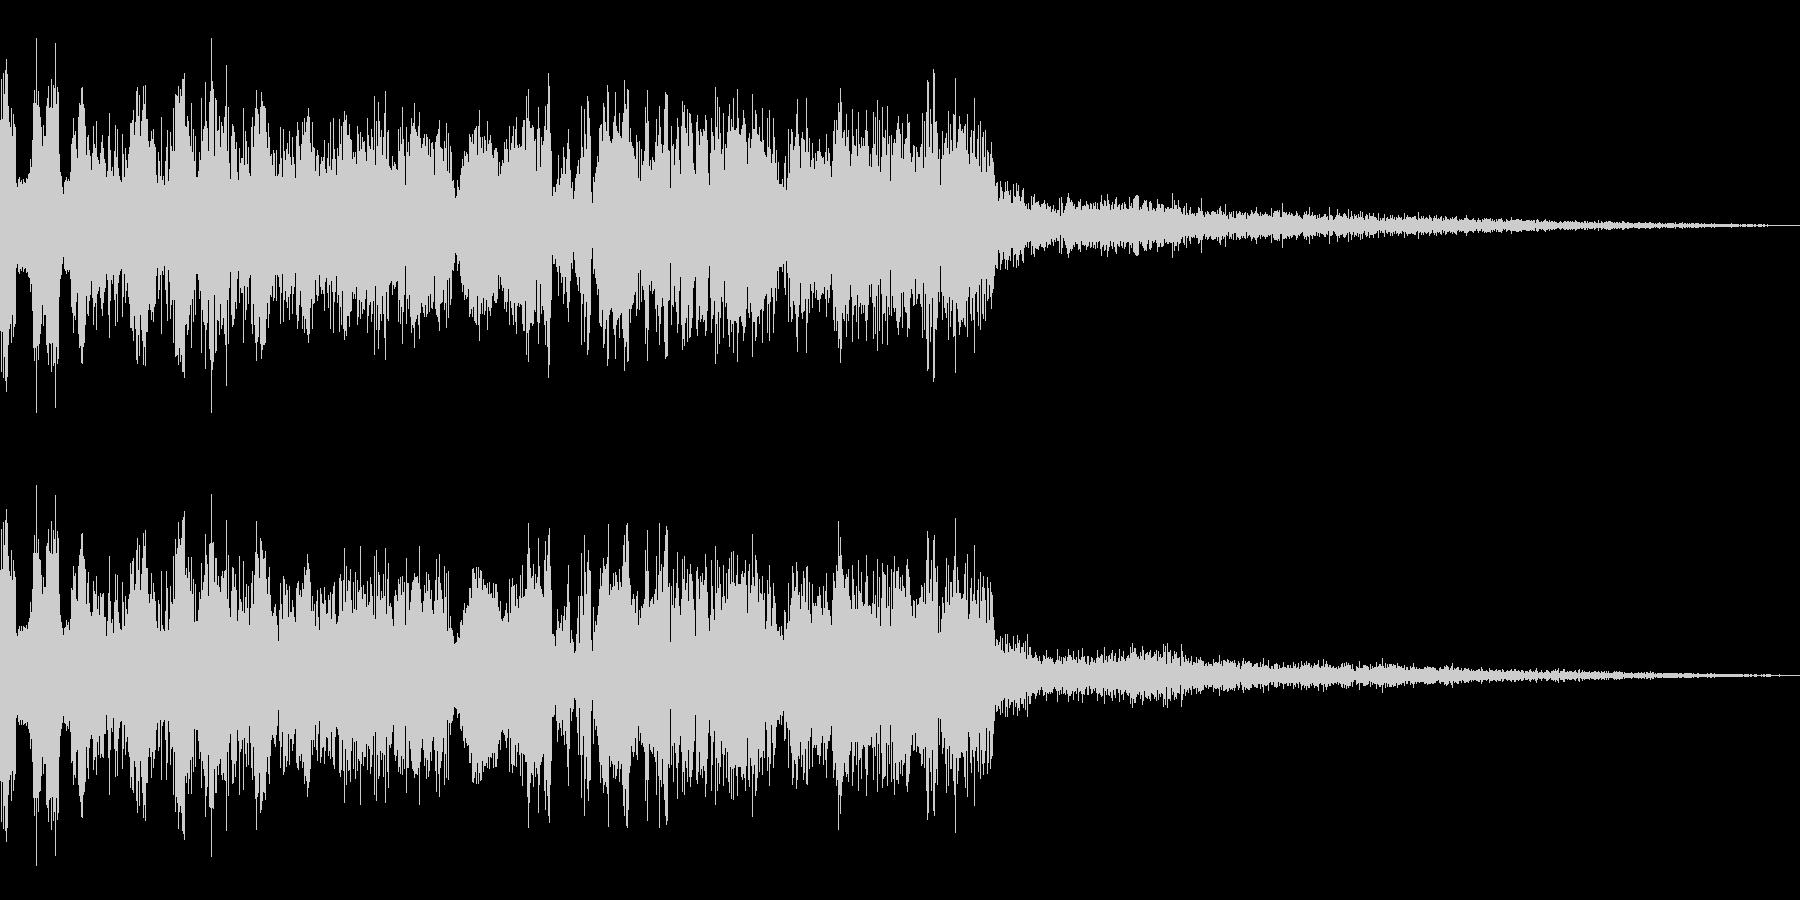 メニュー画面音(ウインドウ,決定等)12の未再生の波形